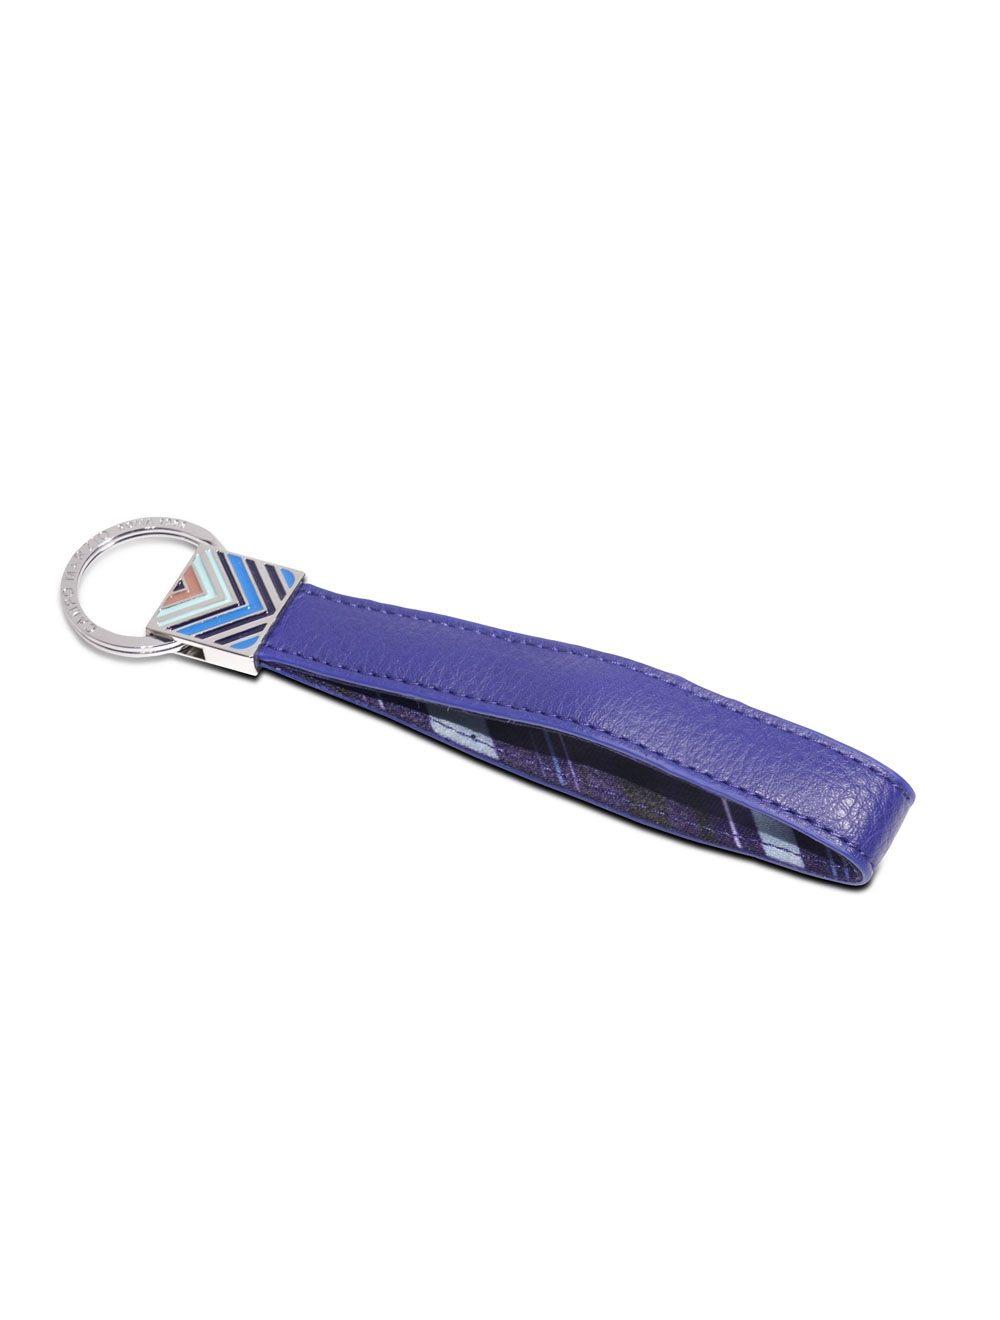 Aiche Key Chain - Space Blue